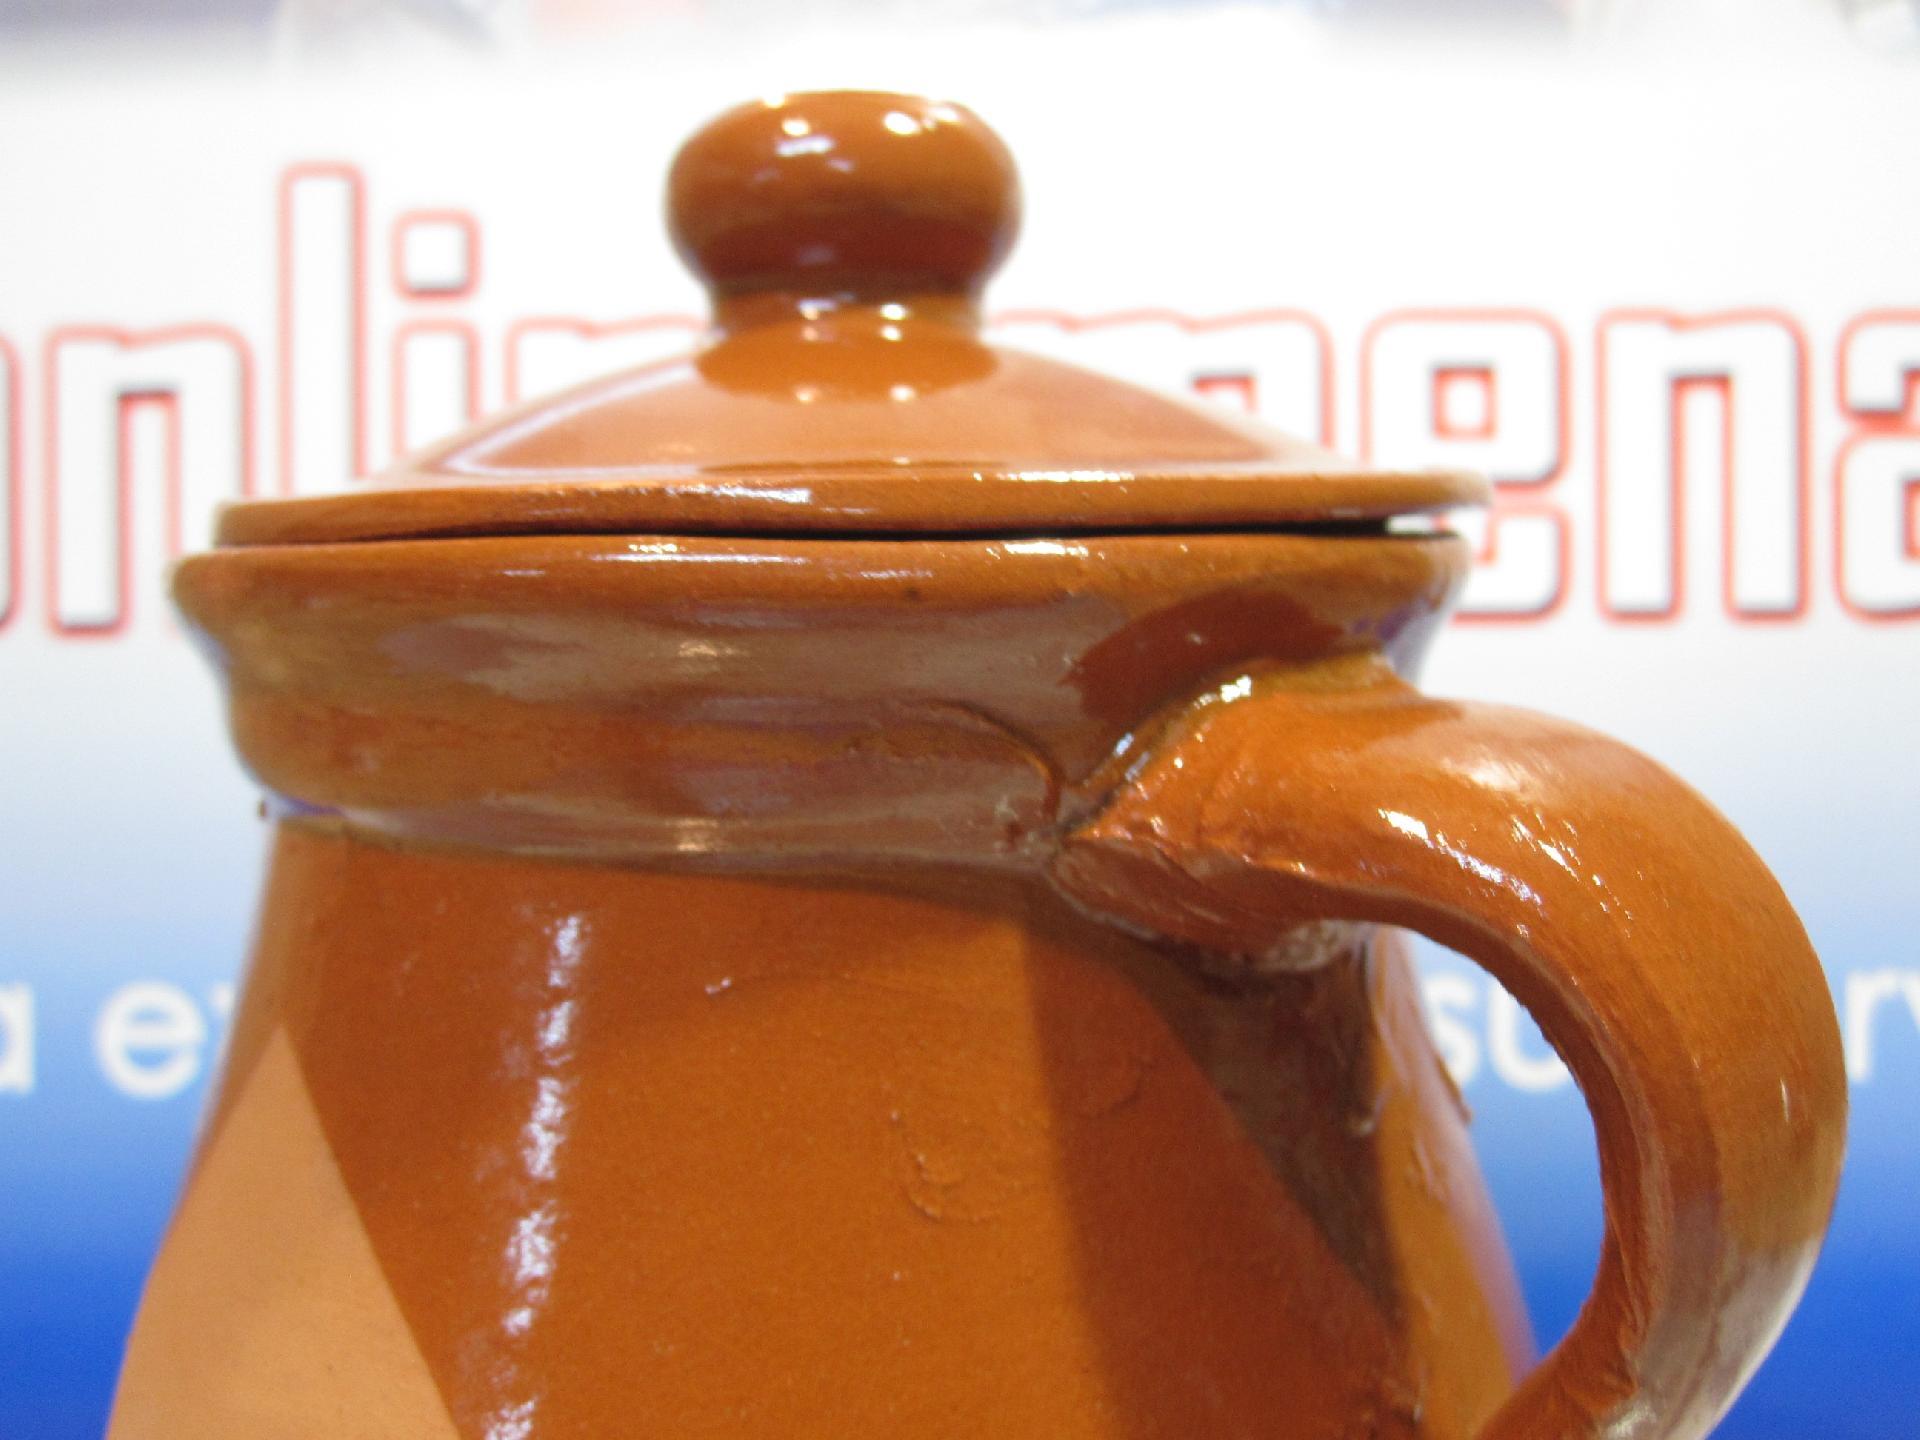 Puchero de barro con tapadera de 1 litro onlinemenaje - Pucheros de barro ...